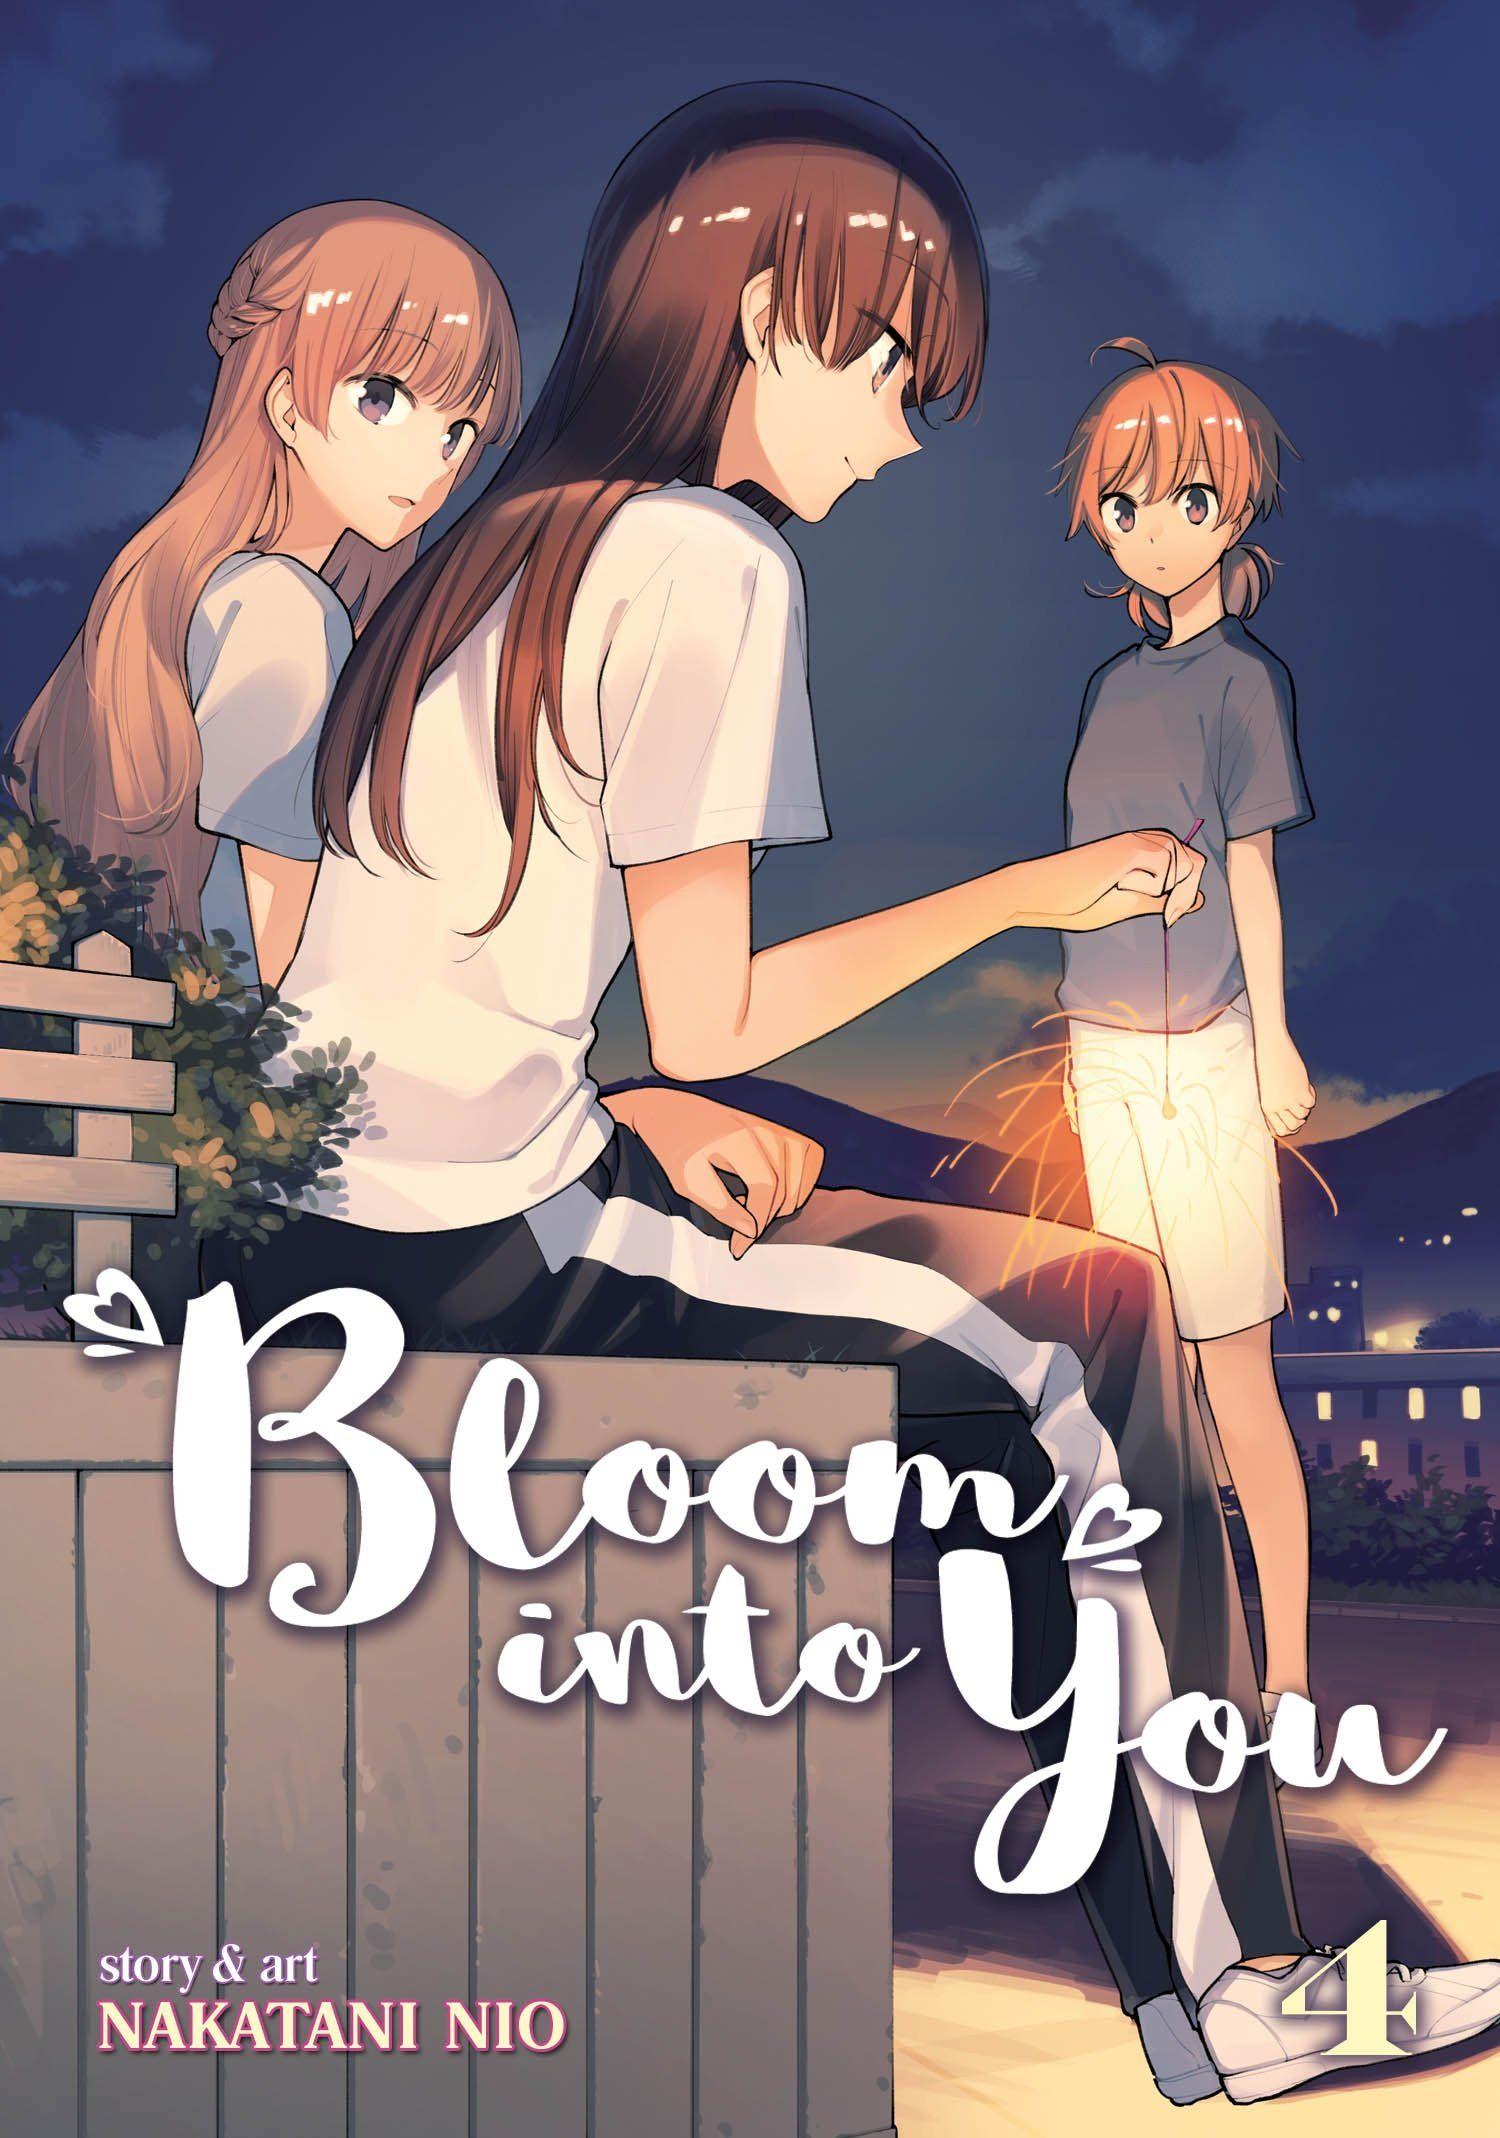 Yuri pdf manga